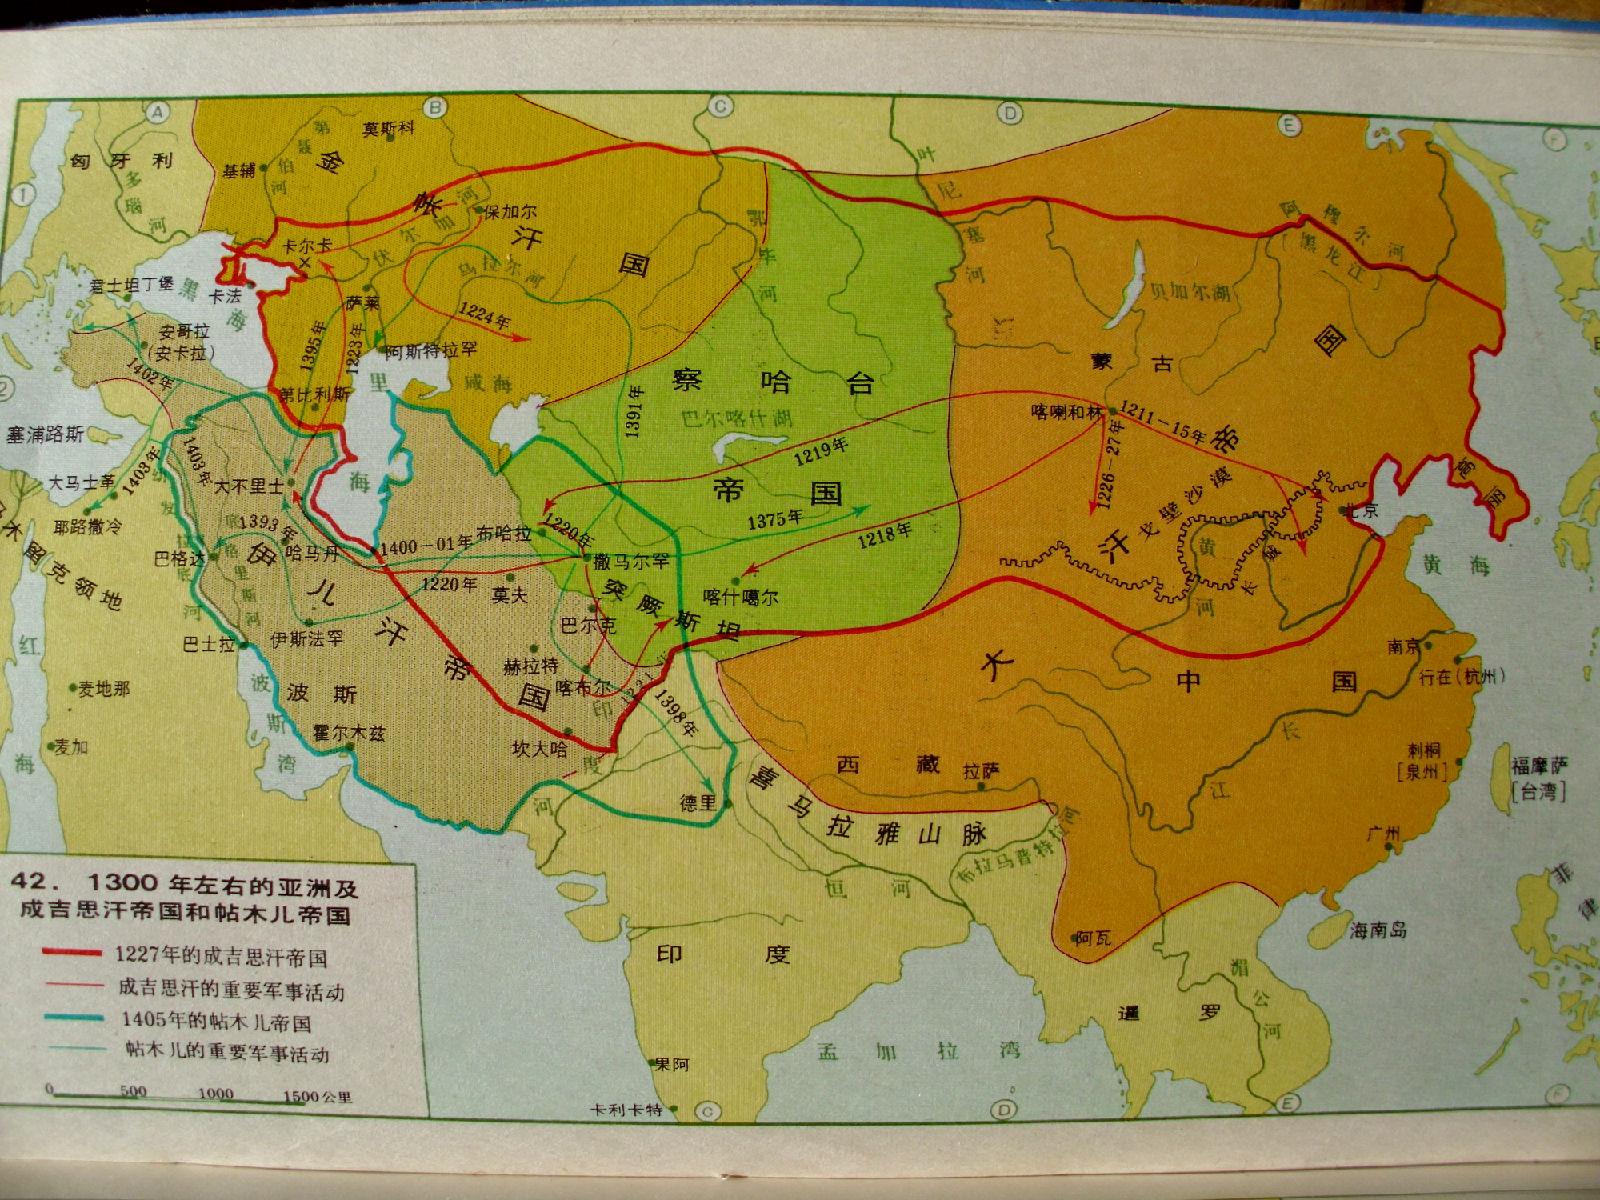 人家成吉思汗创建的蒙古帝国一共由四大汗图片